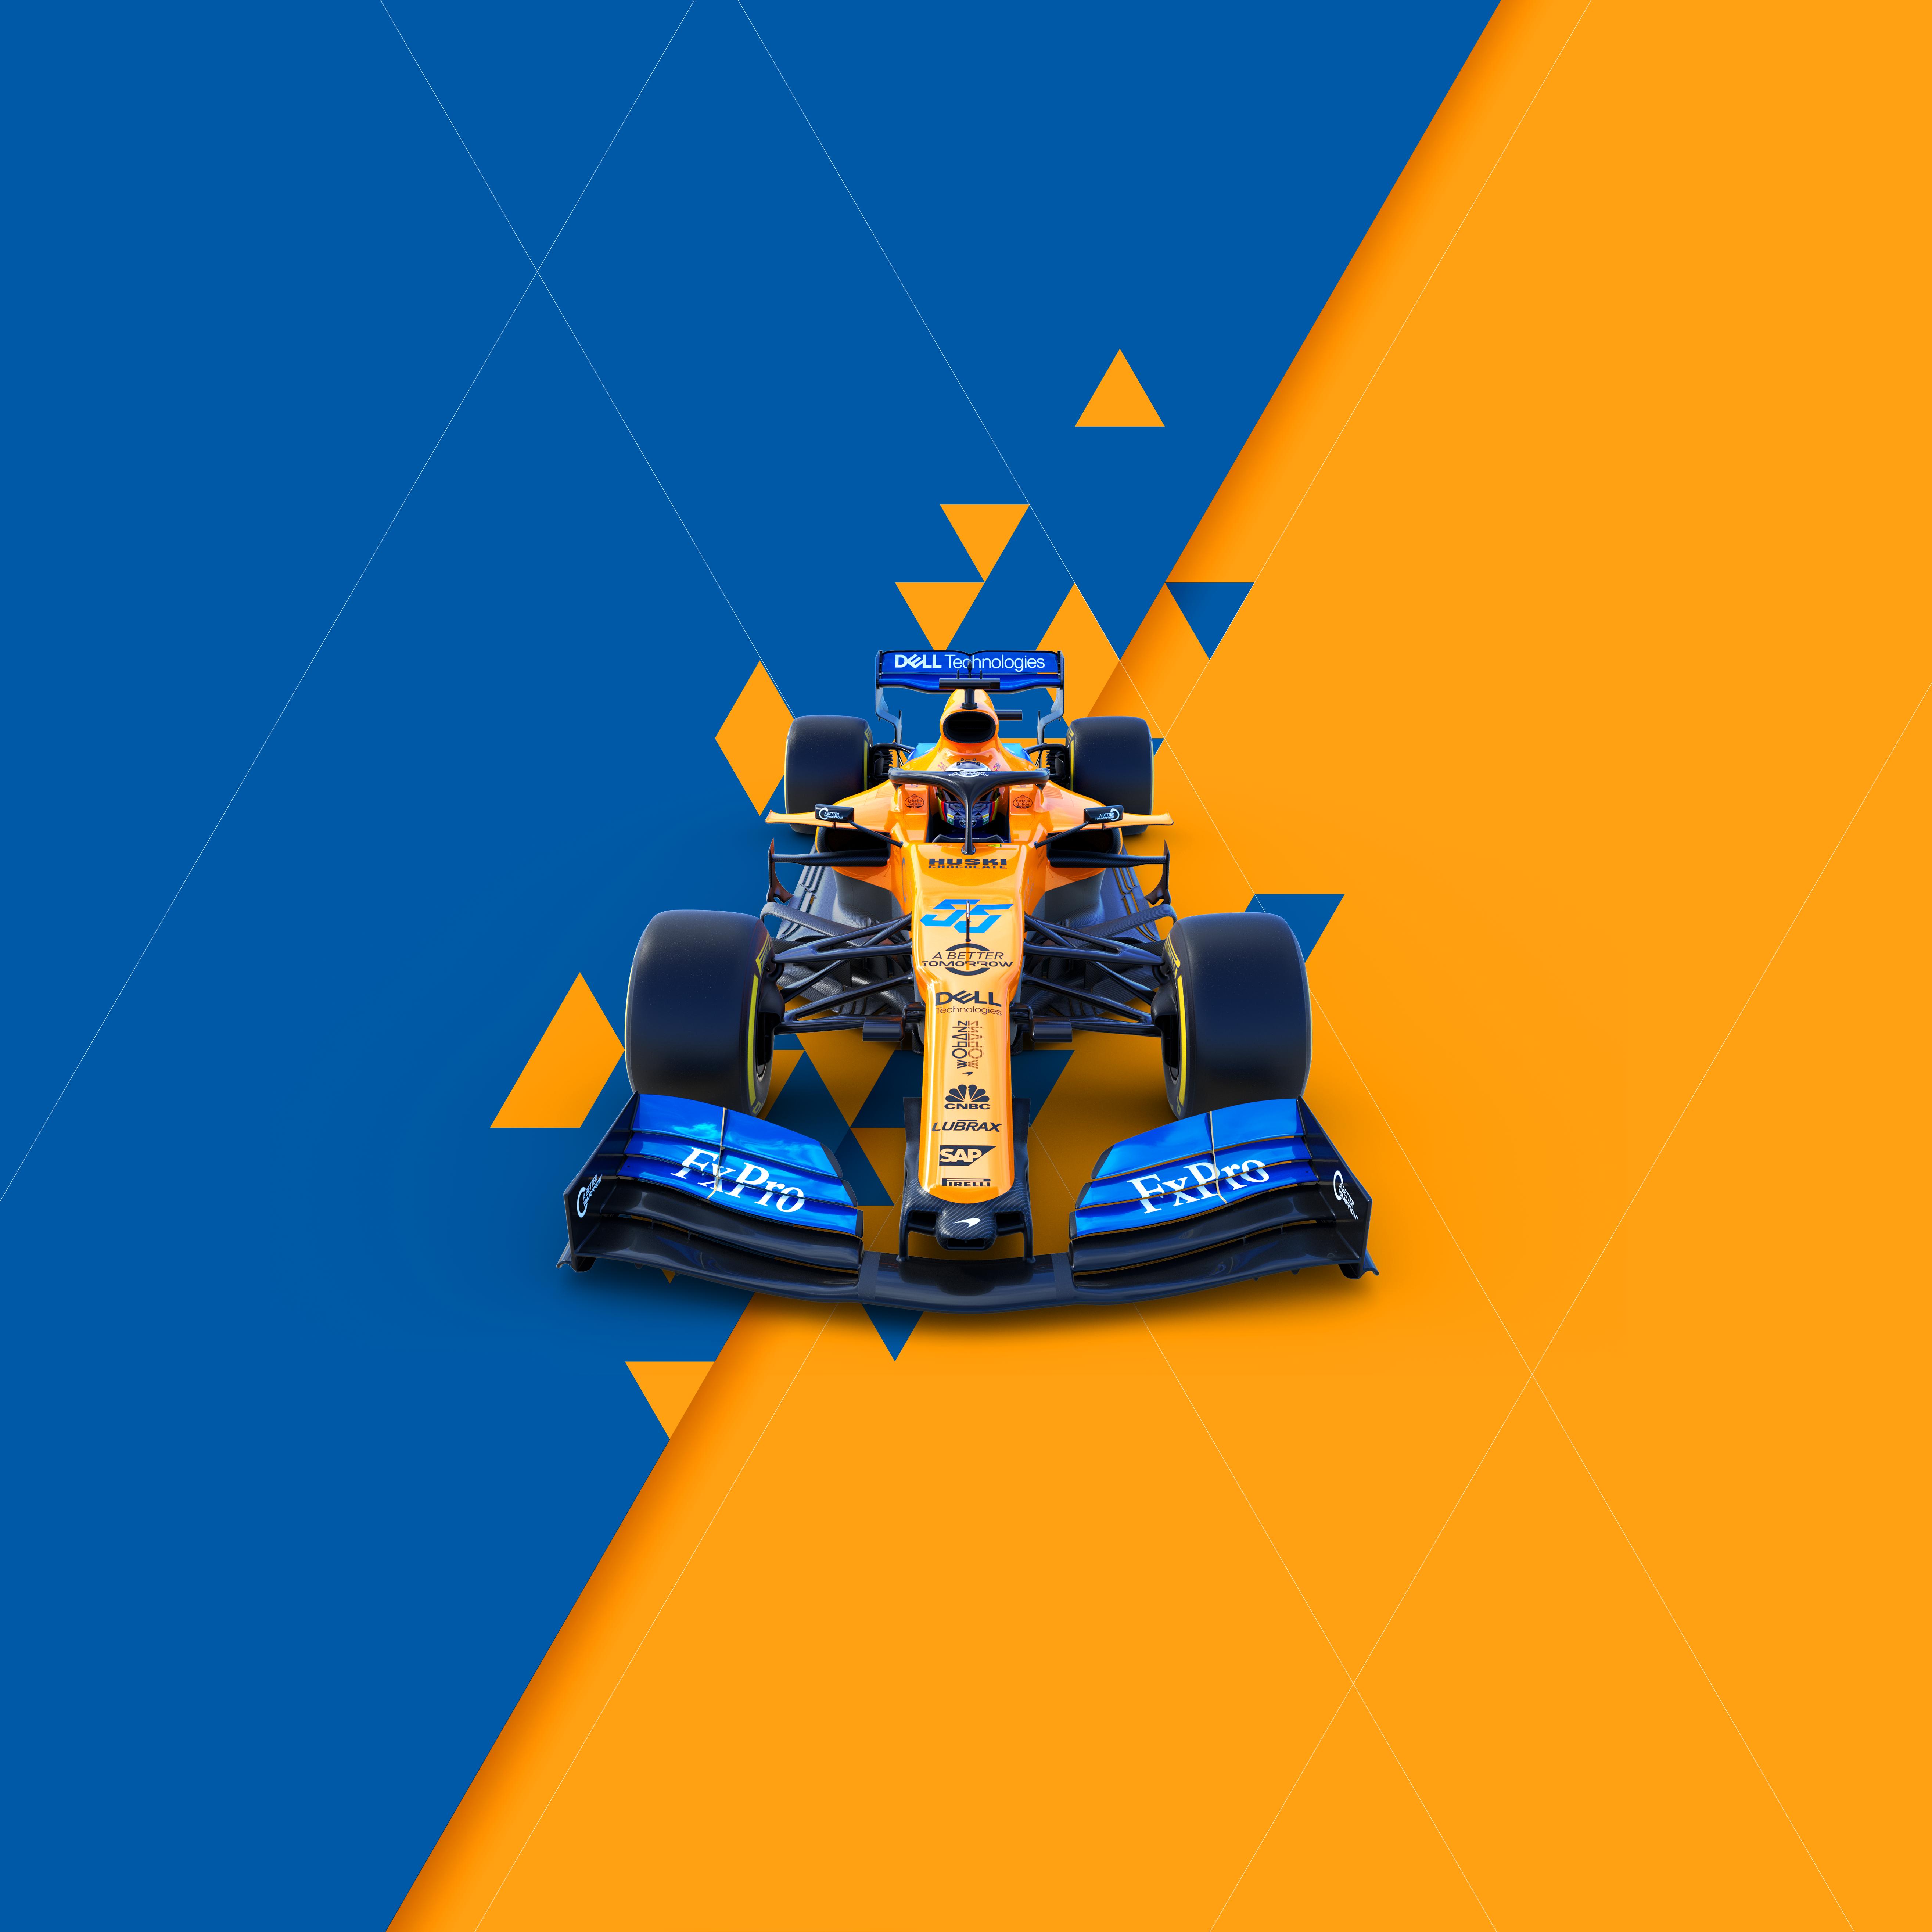 McLaren Racing Official Website 5258x5258